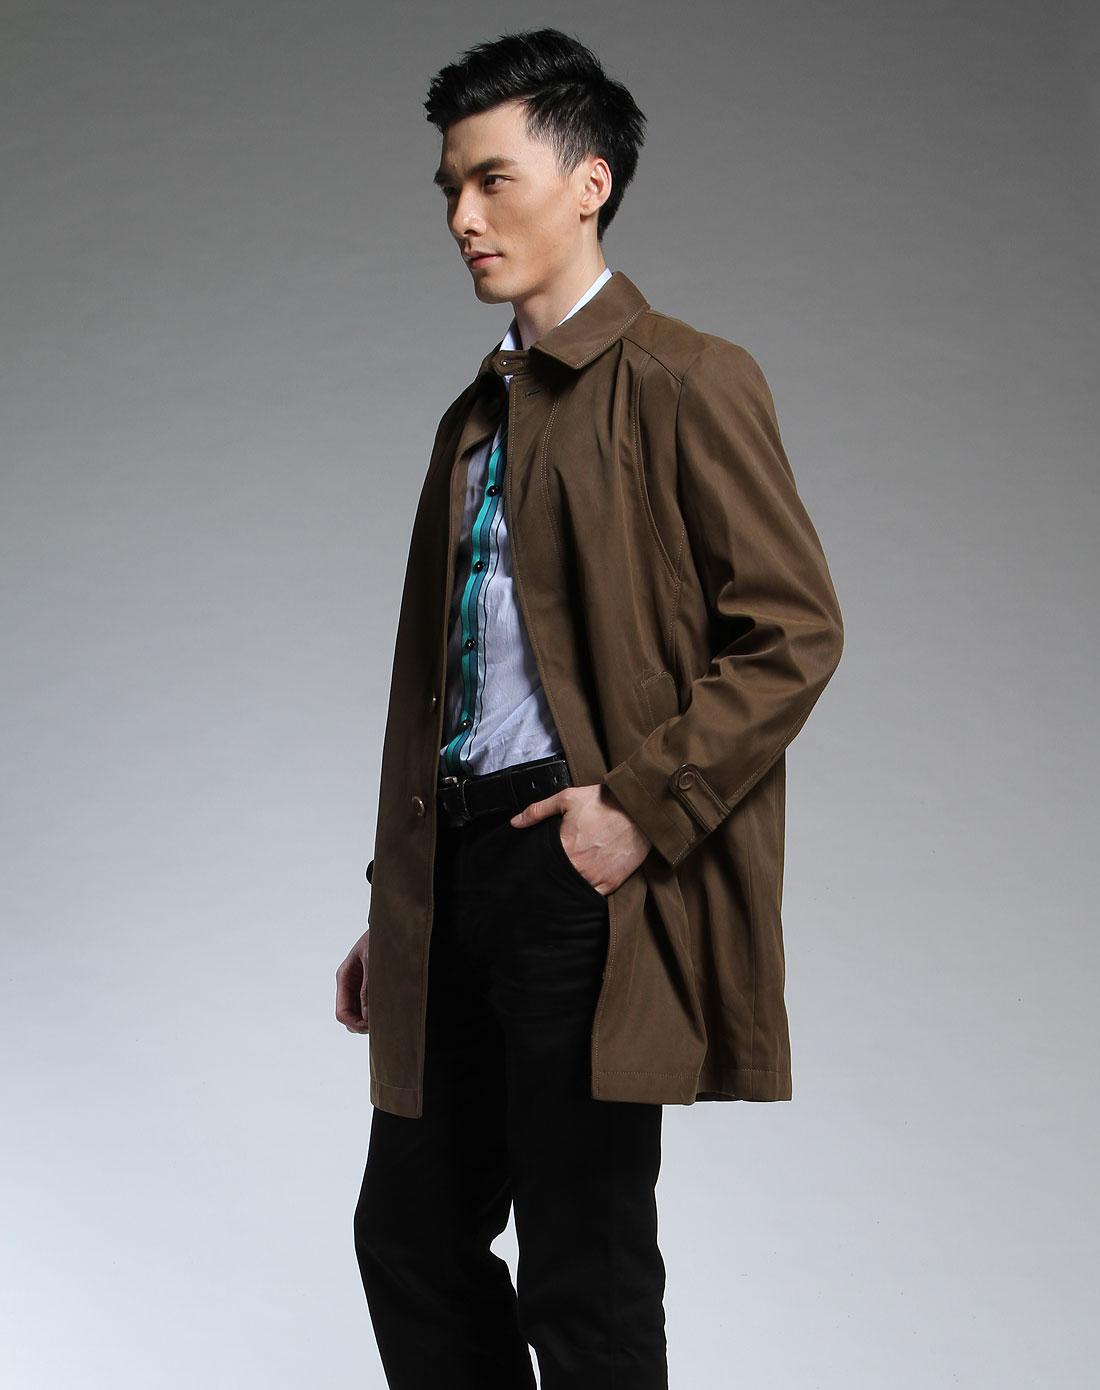 米色短款风衣搭配图片_棕色风衣搭配图片 求咖啡色大衣搭配(附图片)